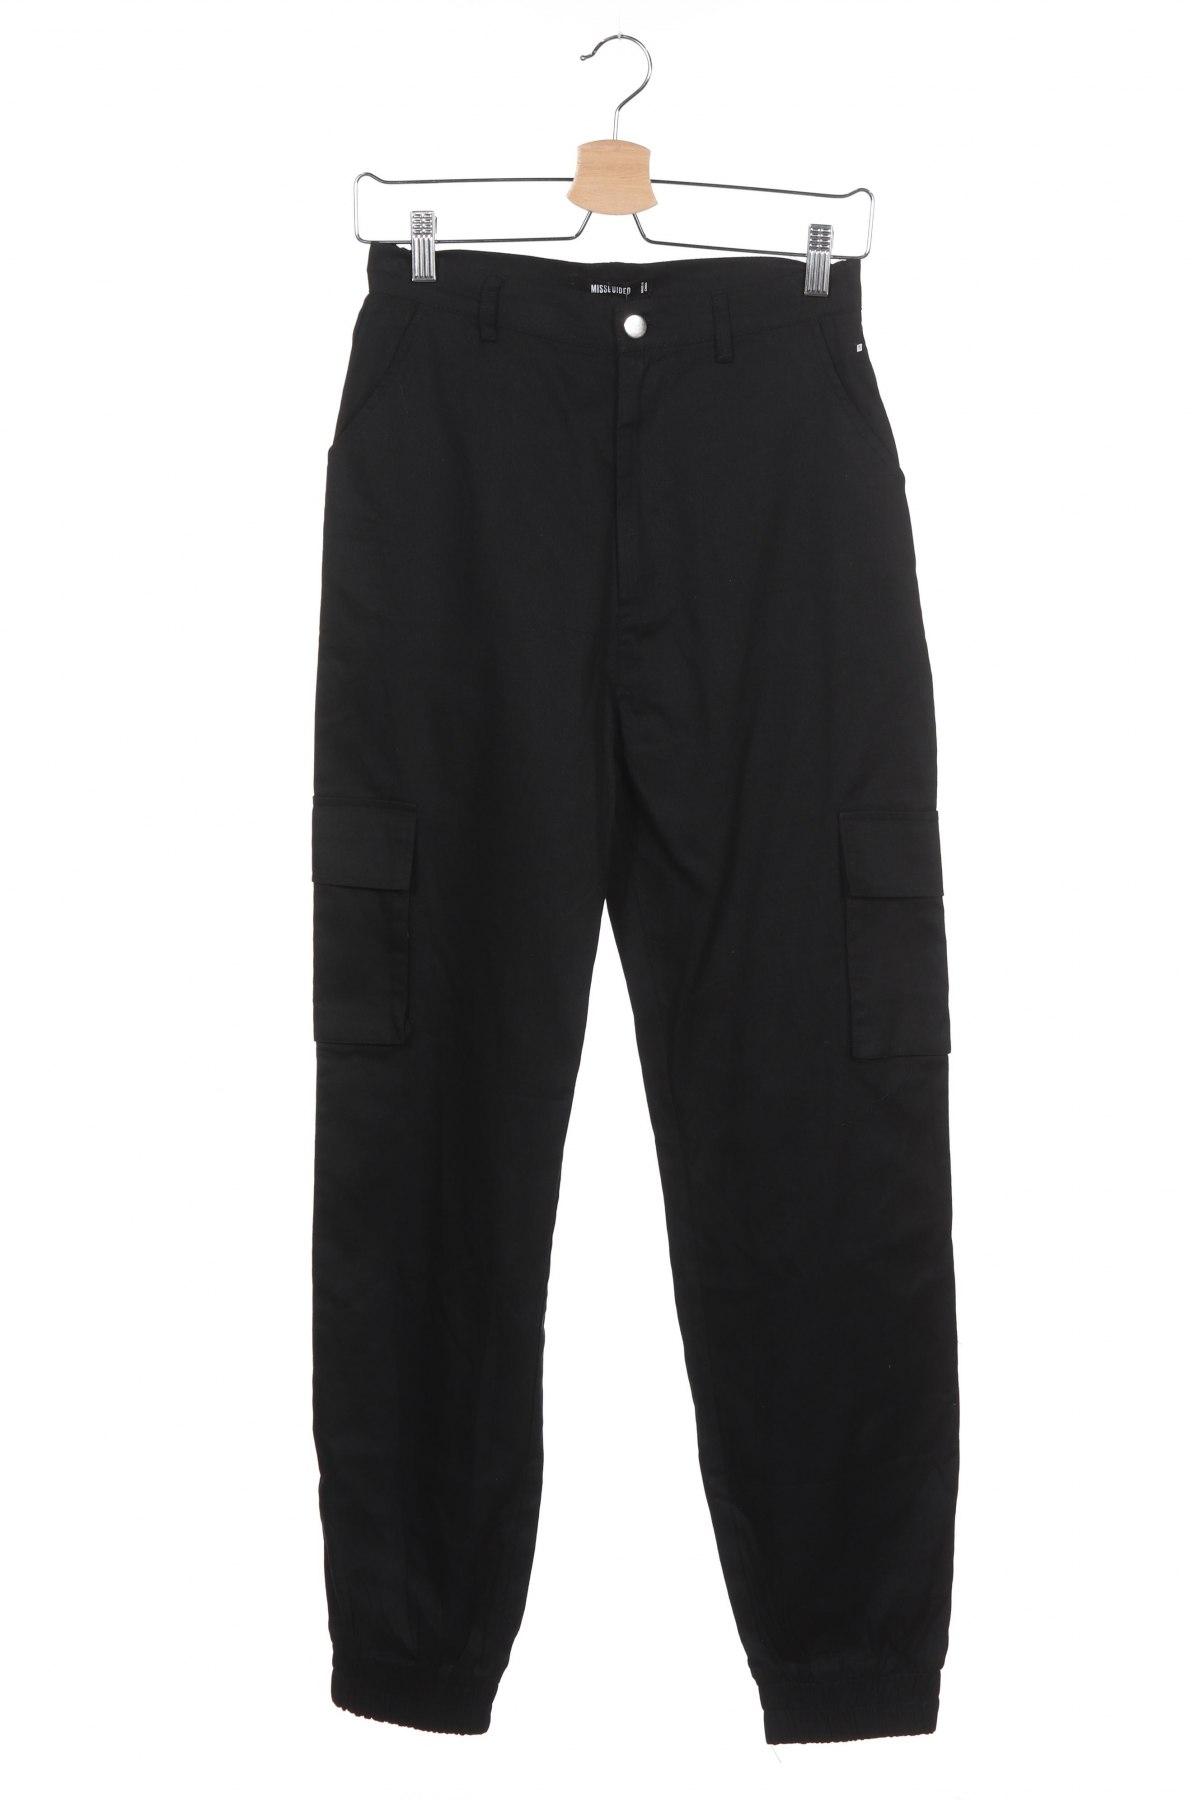 Дамски панталон Missguided, Размер XS, Цвят Черен, Памук, Цена 44,25лв.